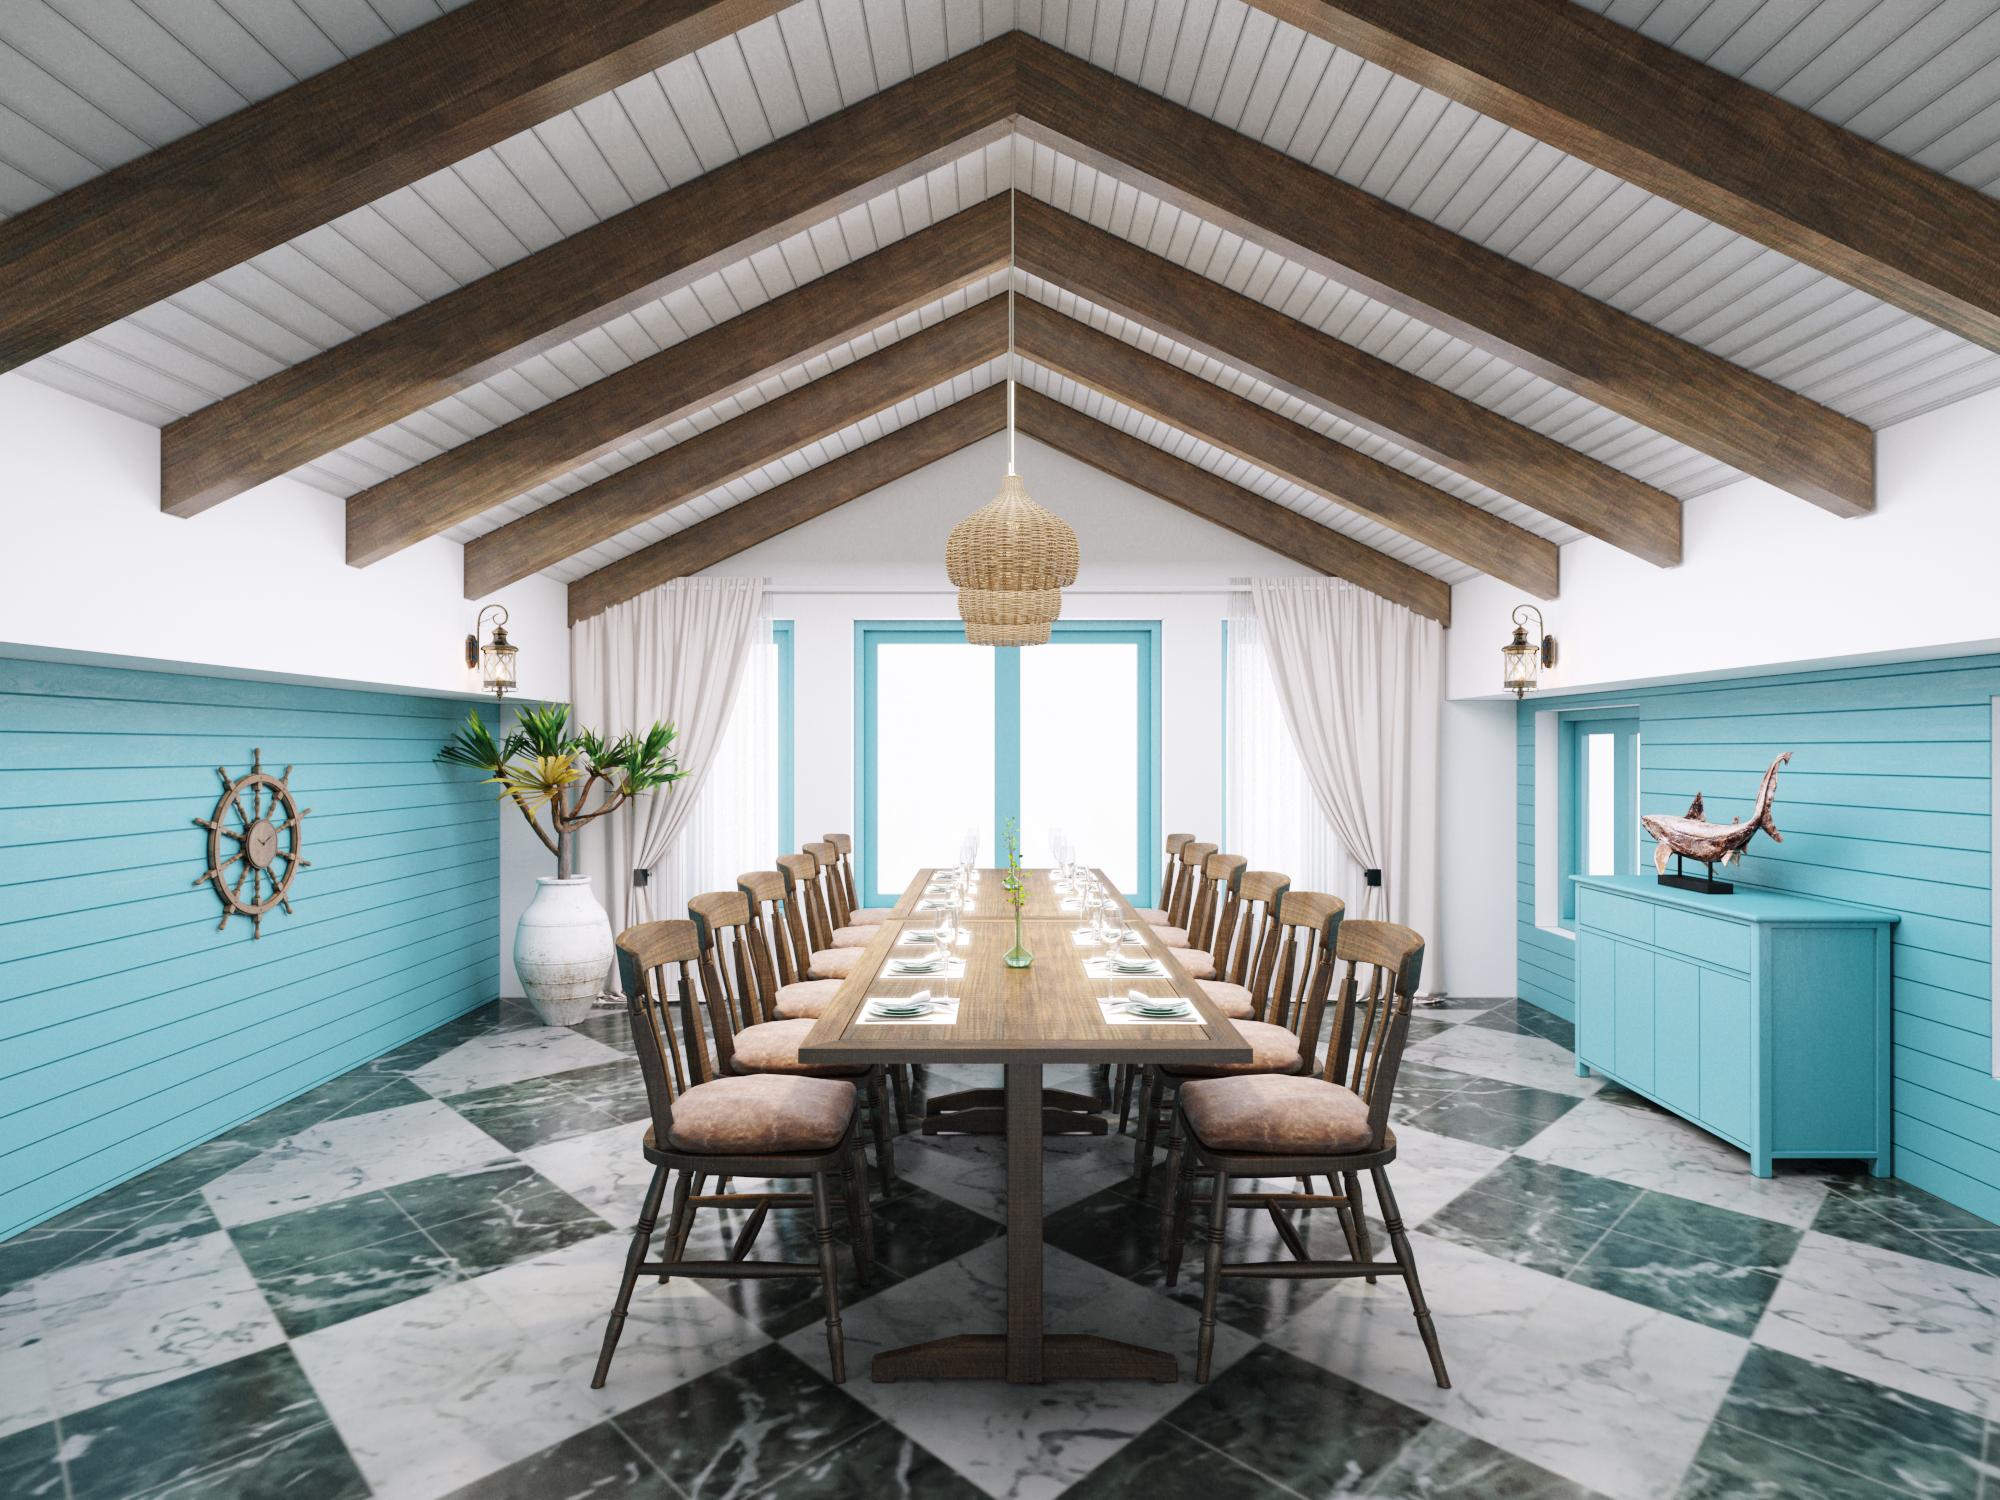 Thiết kế nội thất Nhà Hàng tại Hà Nội NHÀ HÀNG THẾ GIỚI HẢI SẢN 1590724250 0